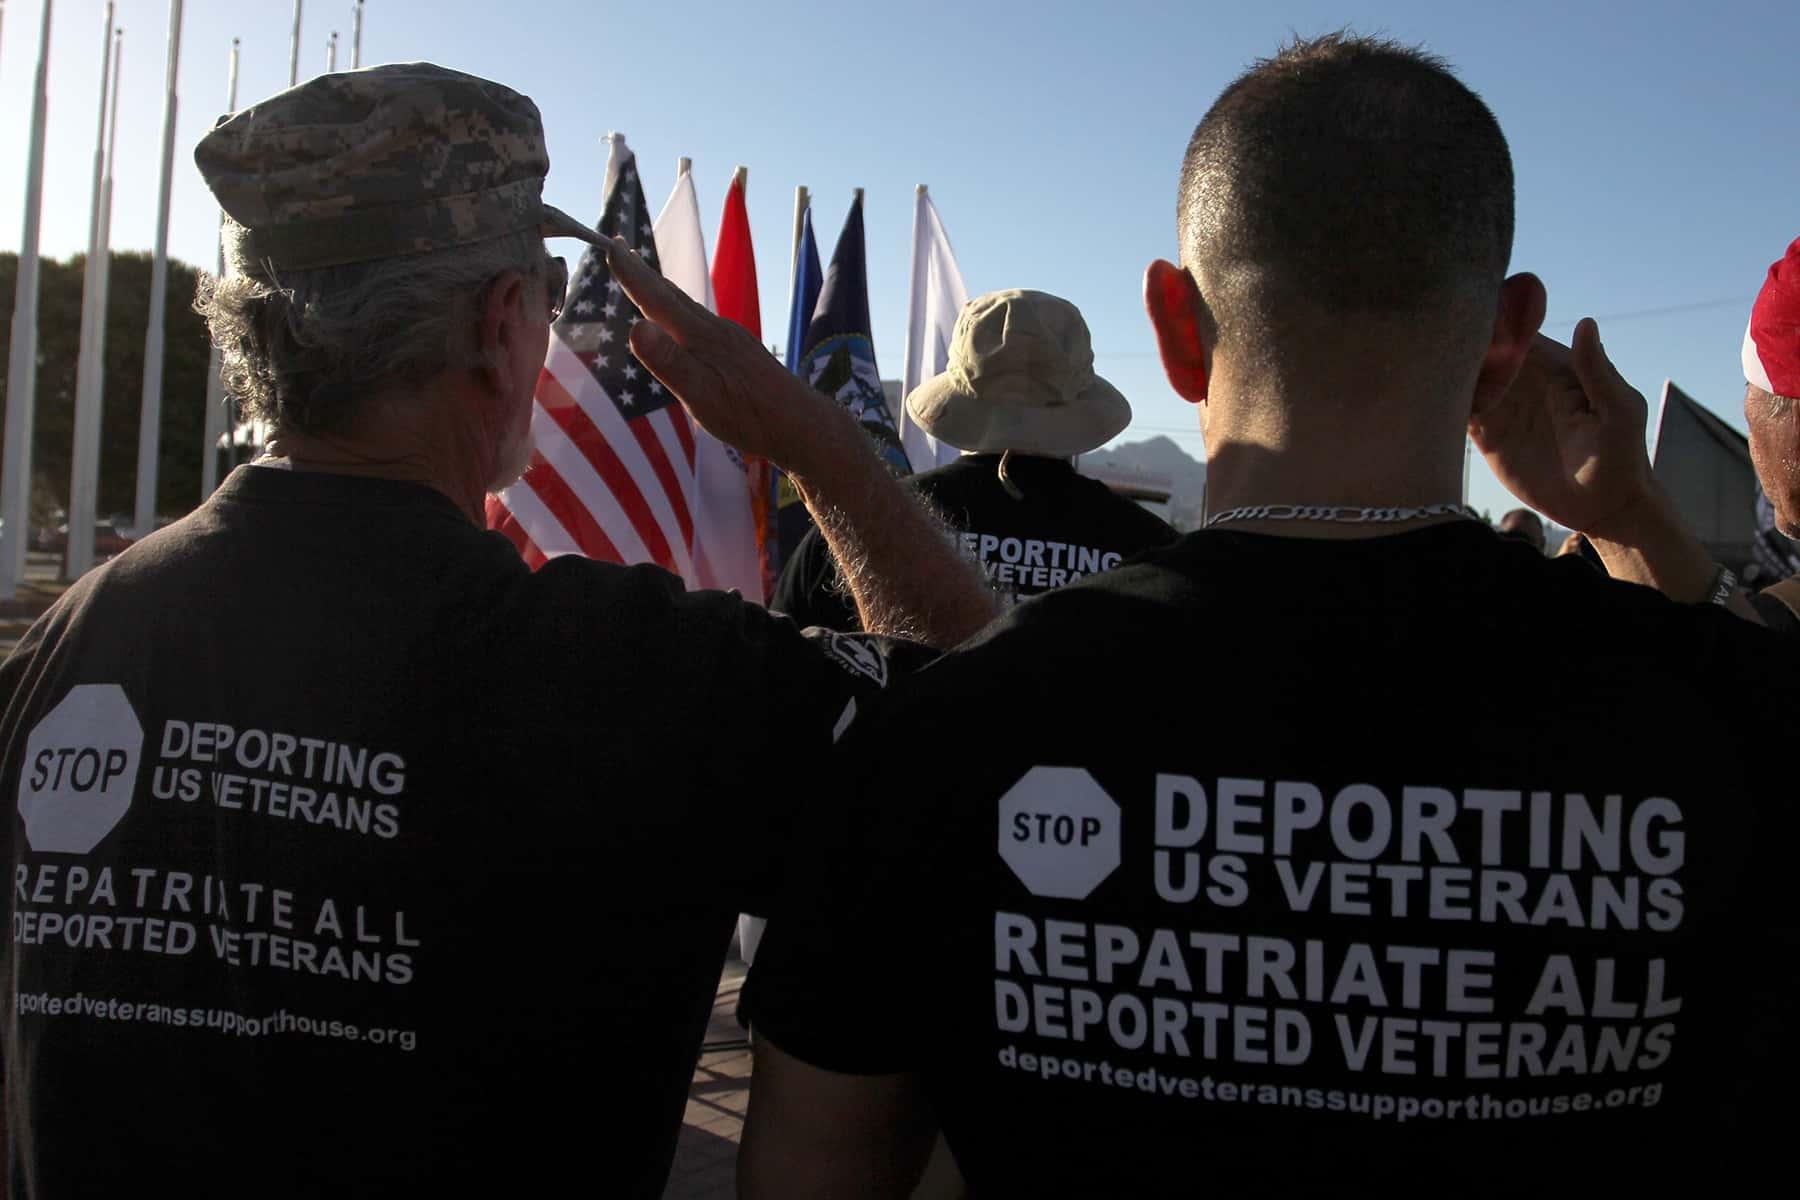 022521_deportedvets_02